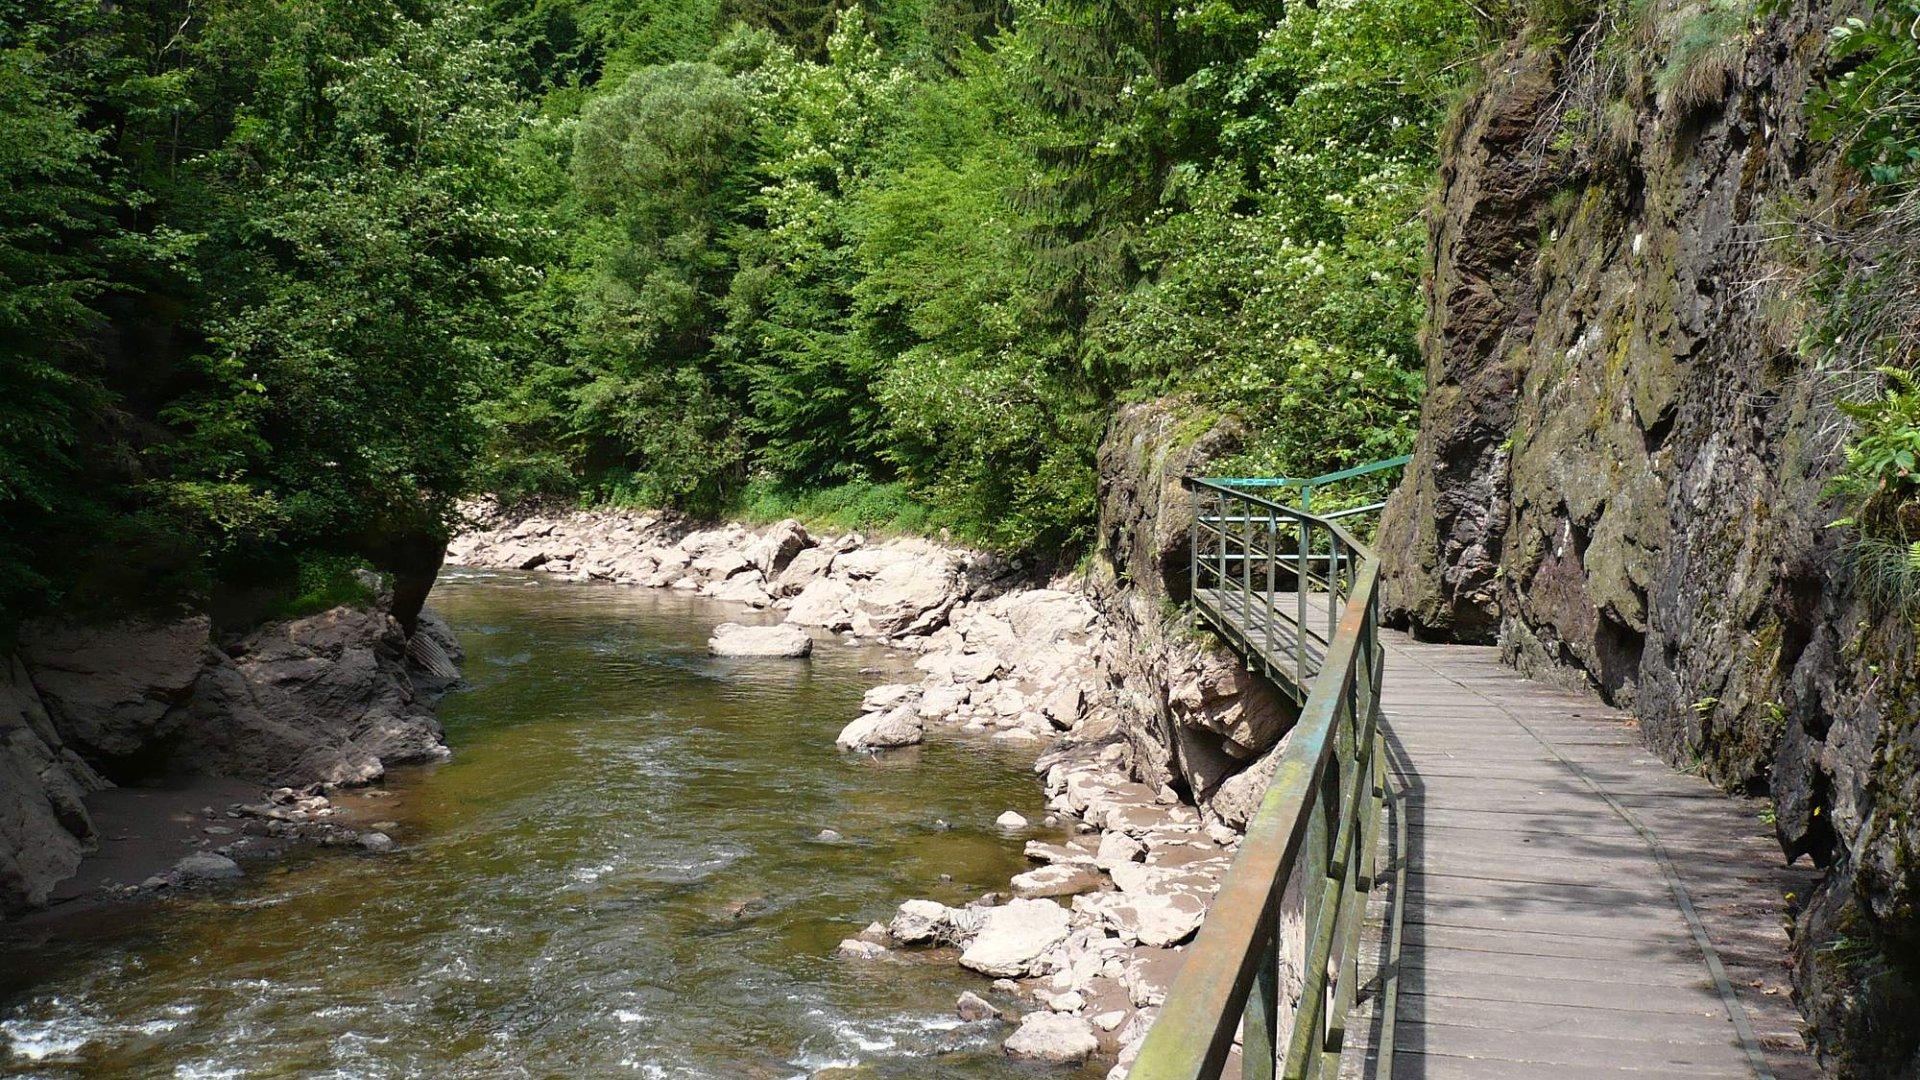 Riegrova stezka u Semil – Mapa, parkování a další praktické info